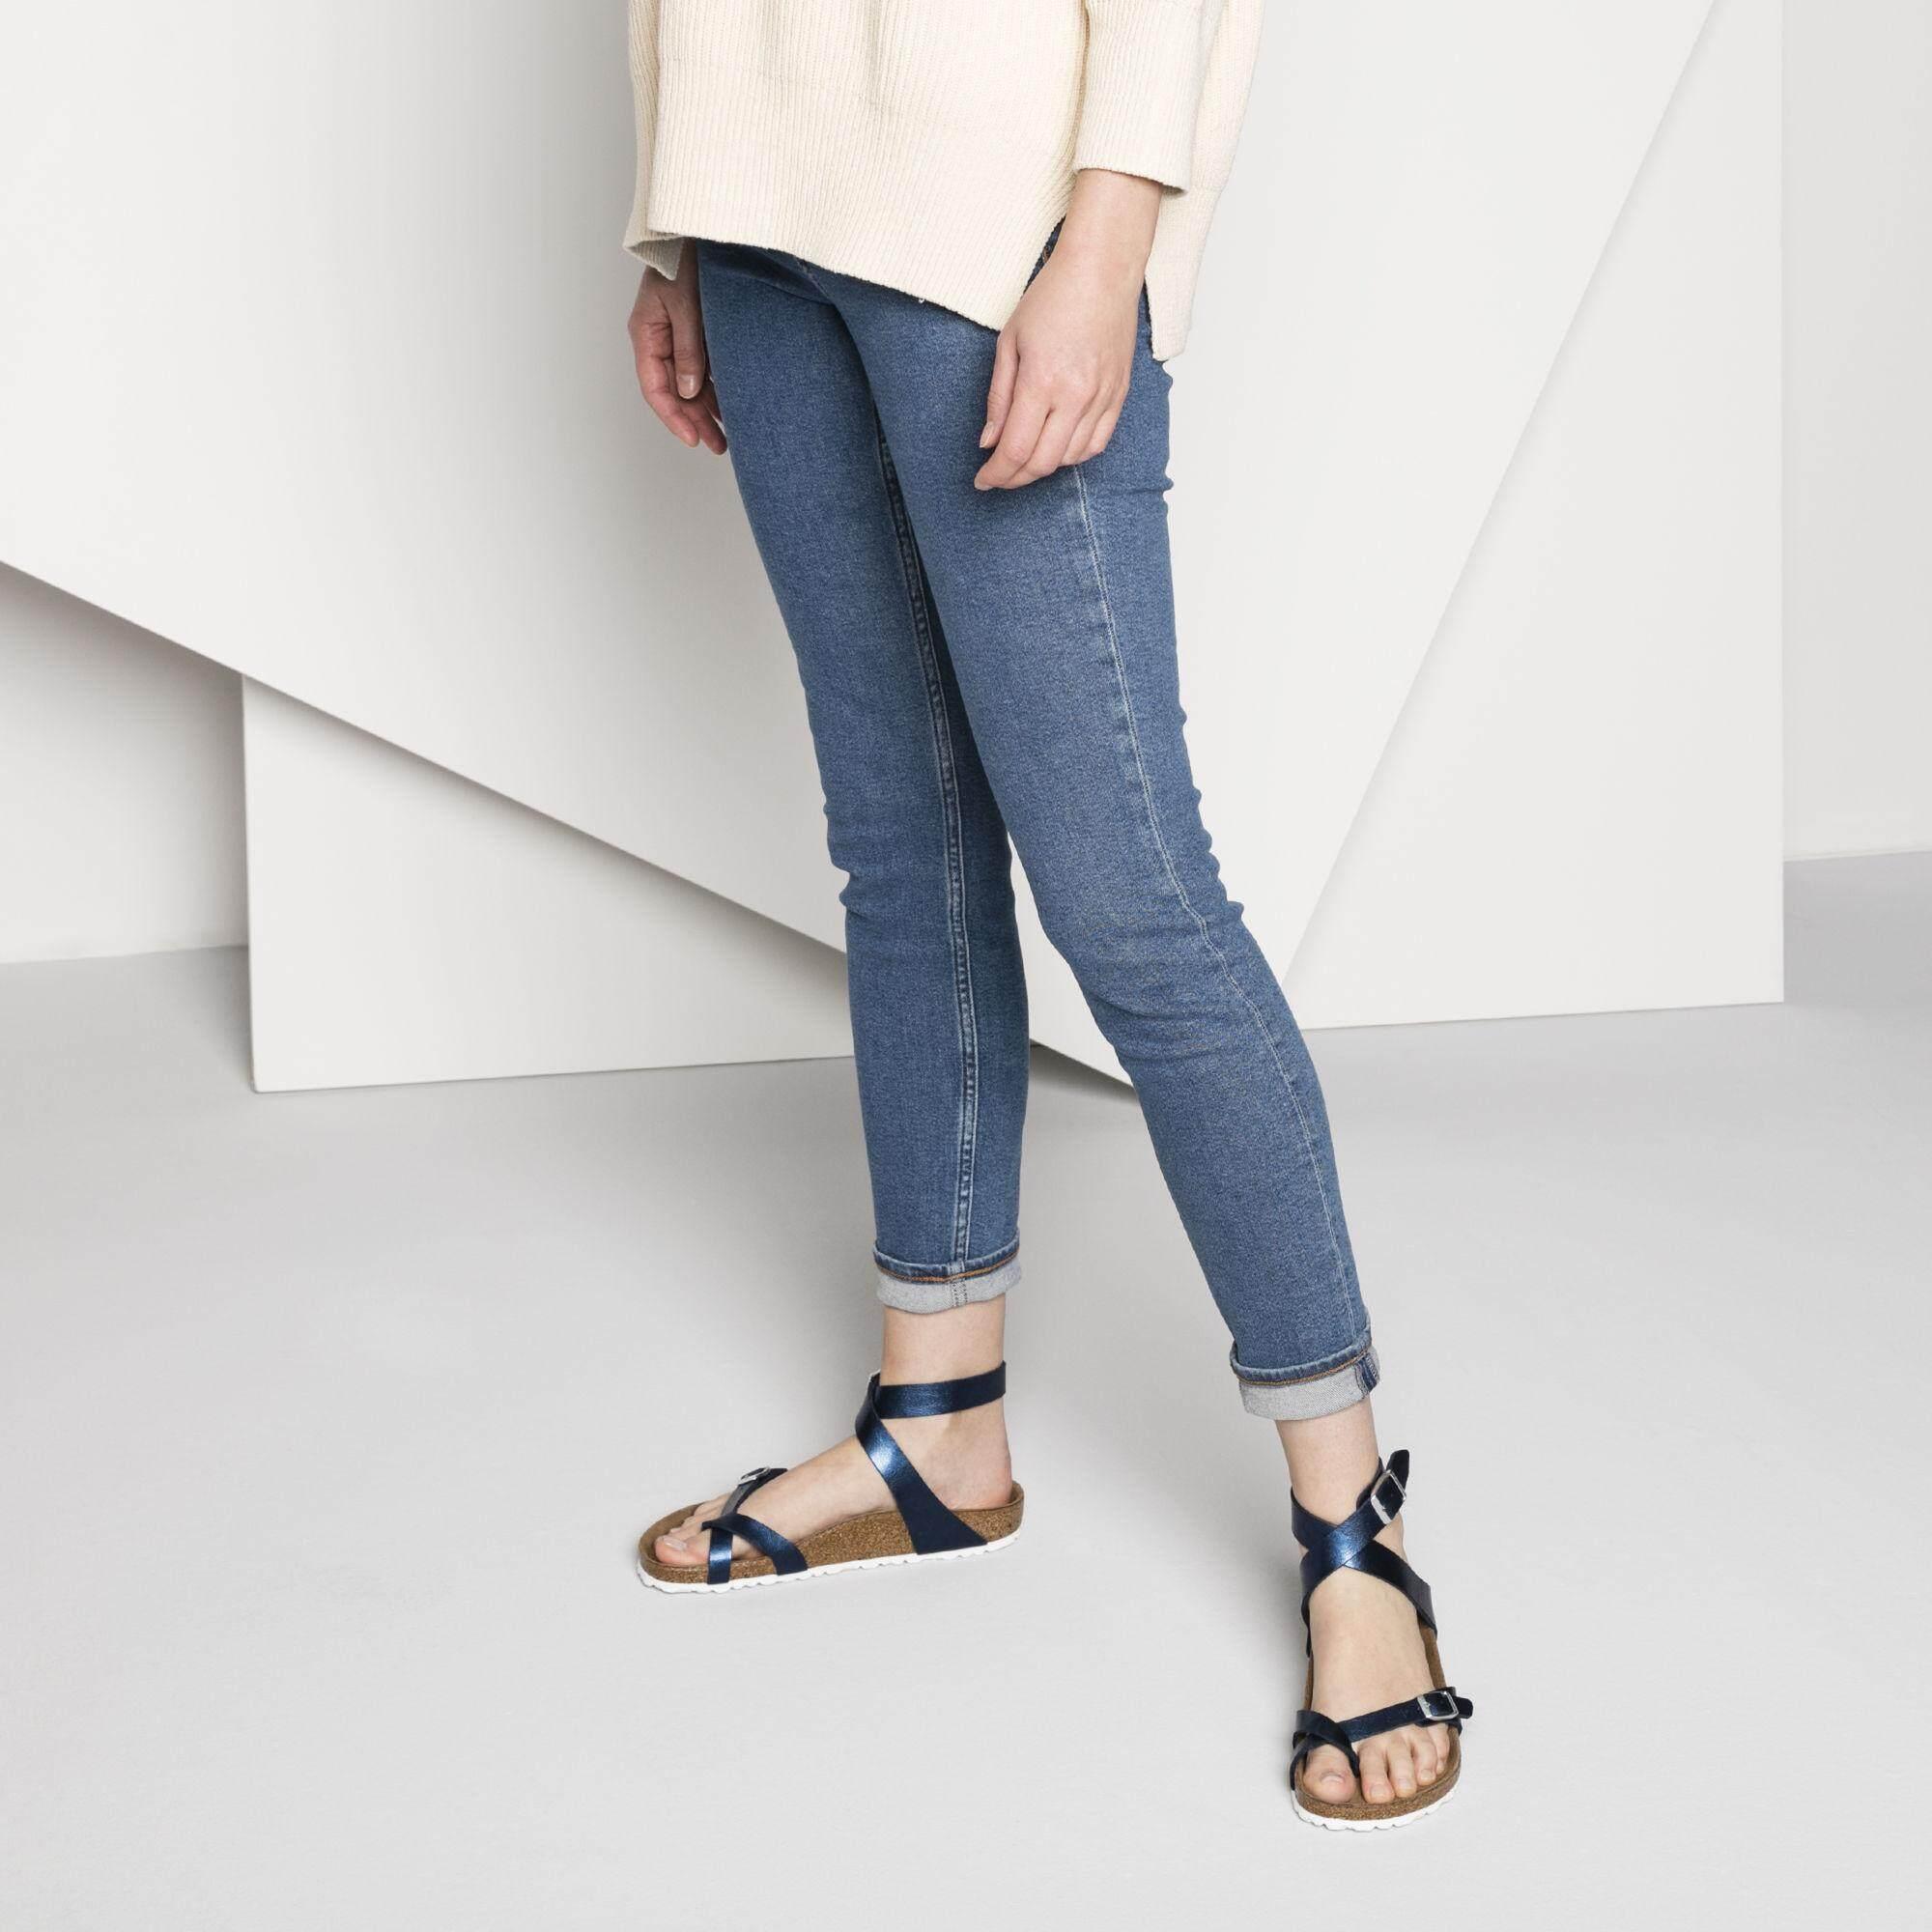 af973eb975e Birkenstocks Women Themes Sandals with footbed Yara Birko-Flor Graceful Sea